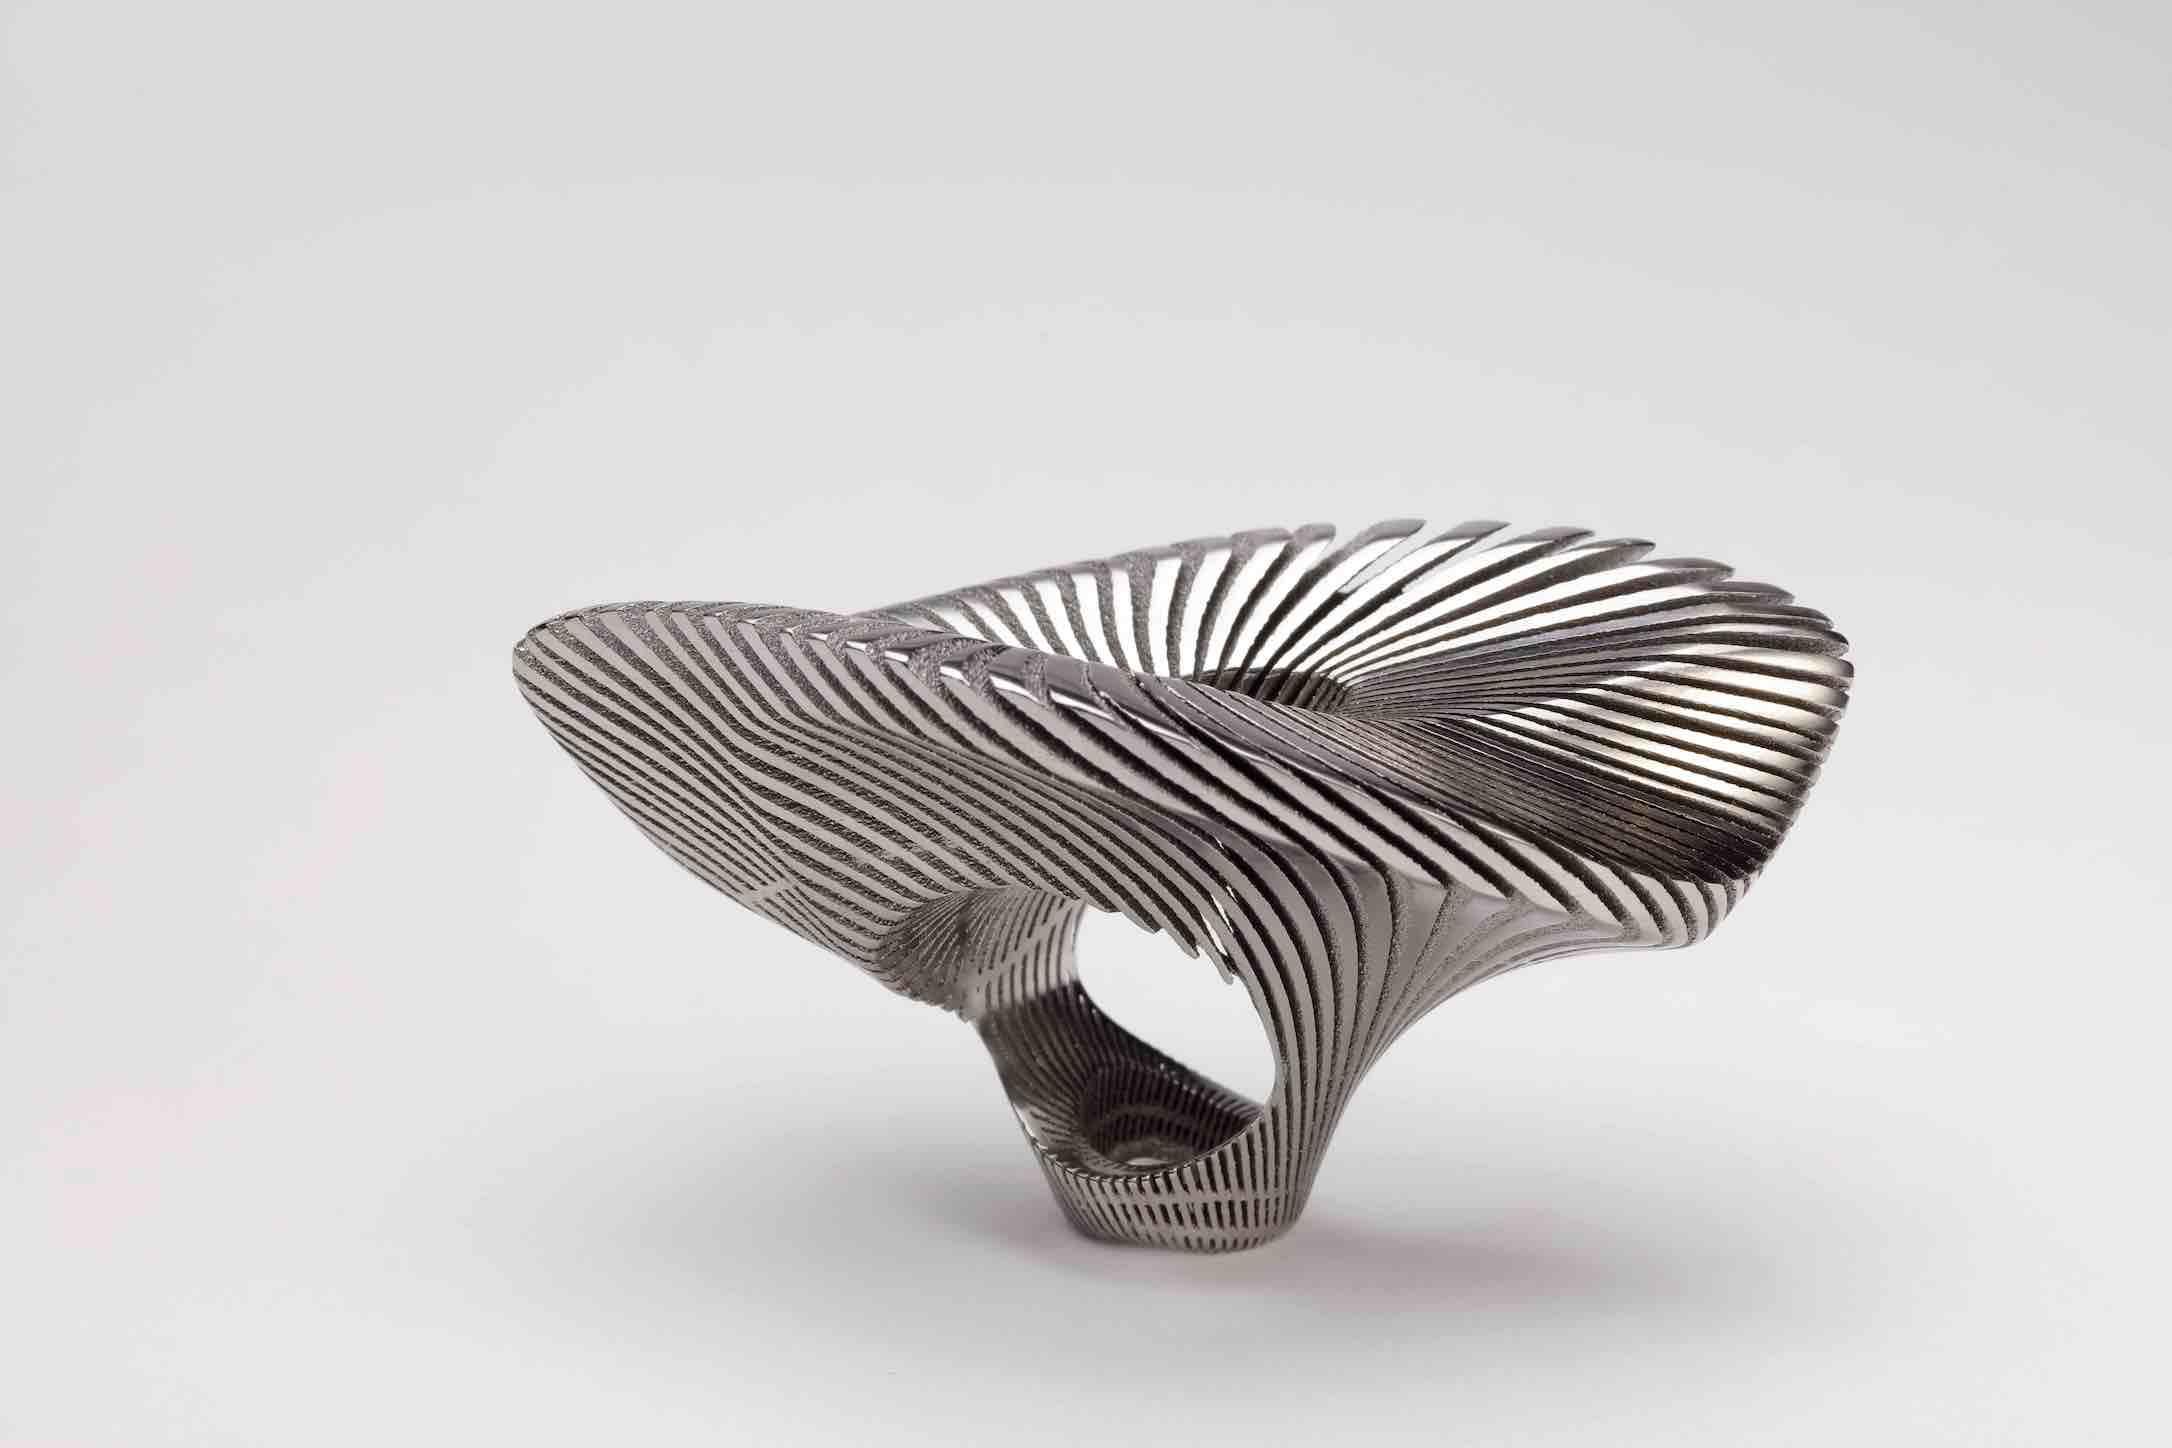 Stefania Lucchetta, Volutae Ring 30, 2020 made of titan©photo Fabio Zonta